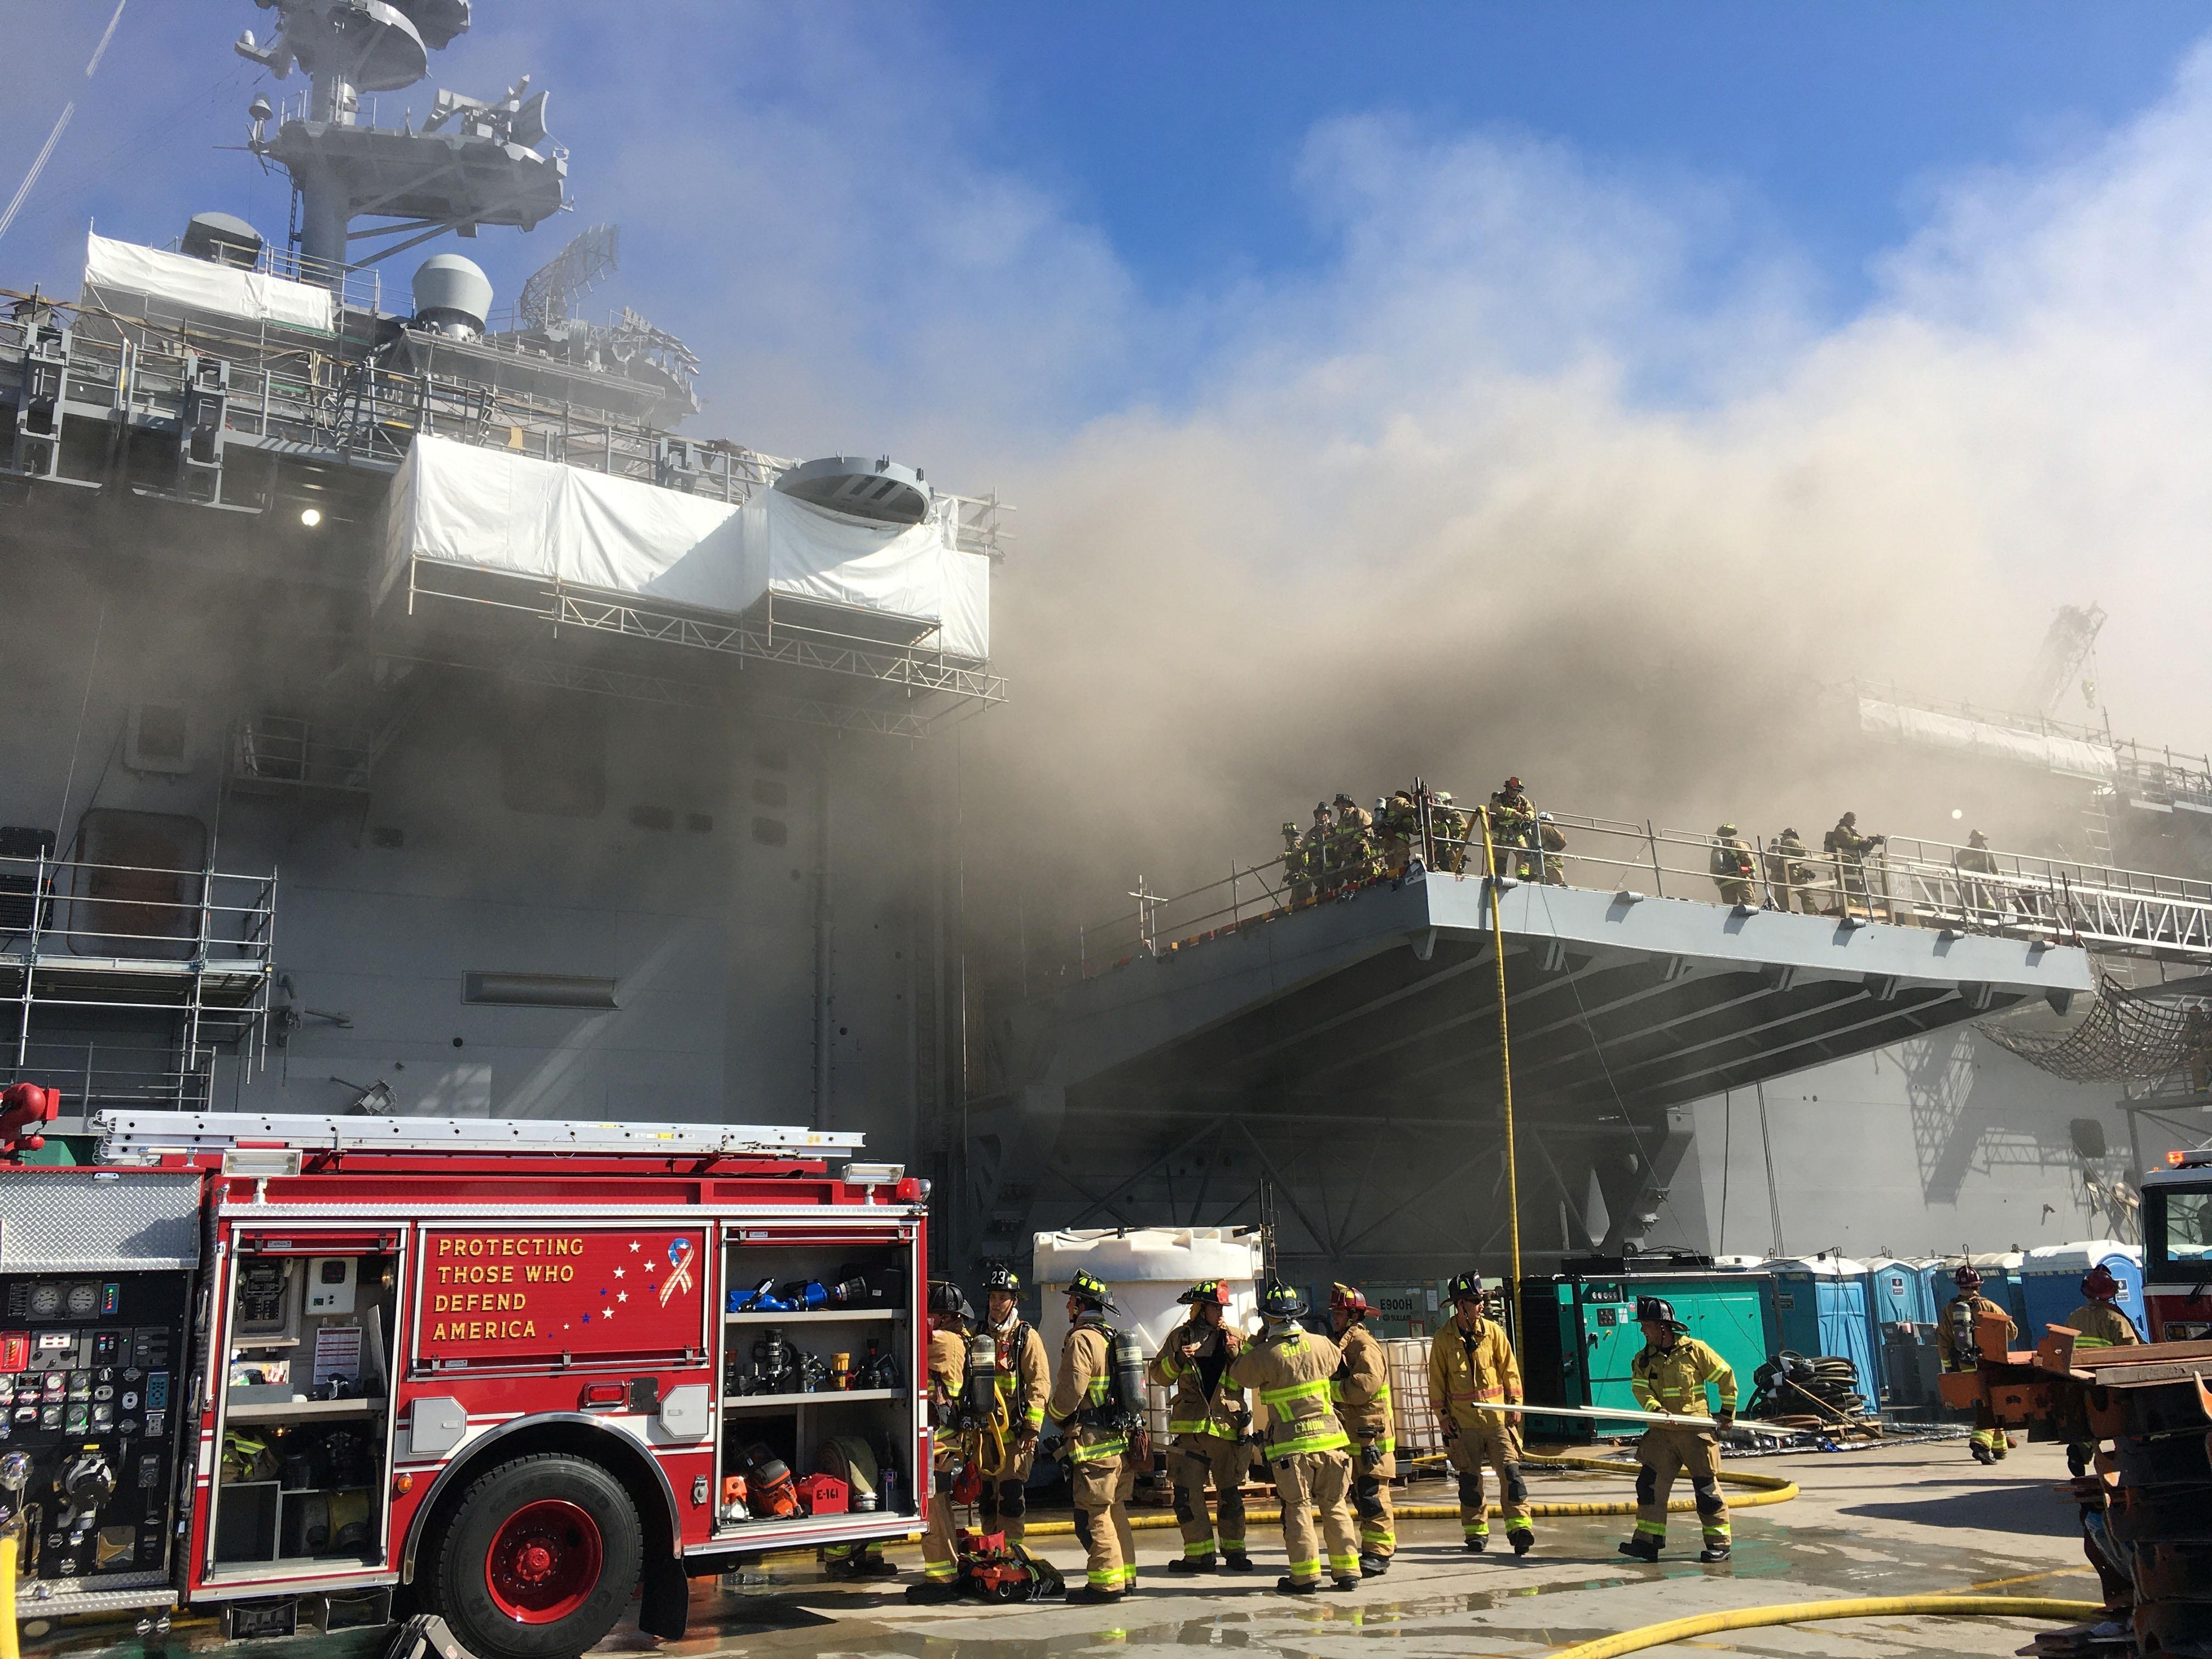 Αμερικανικό πολεμικό πλοίο τυλίγεται στις φλόγες μετά από έκρηξη – Μεγάλη επιχείρηση κατάσβεσης